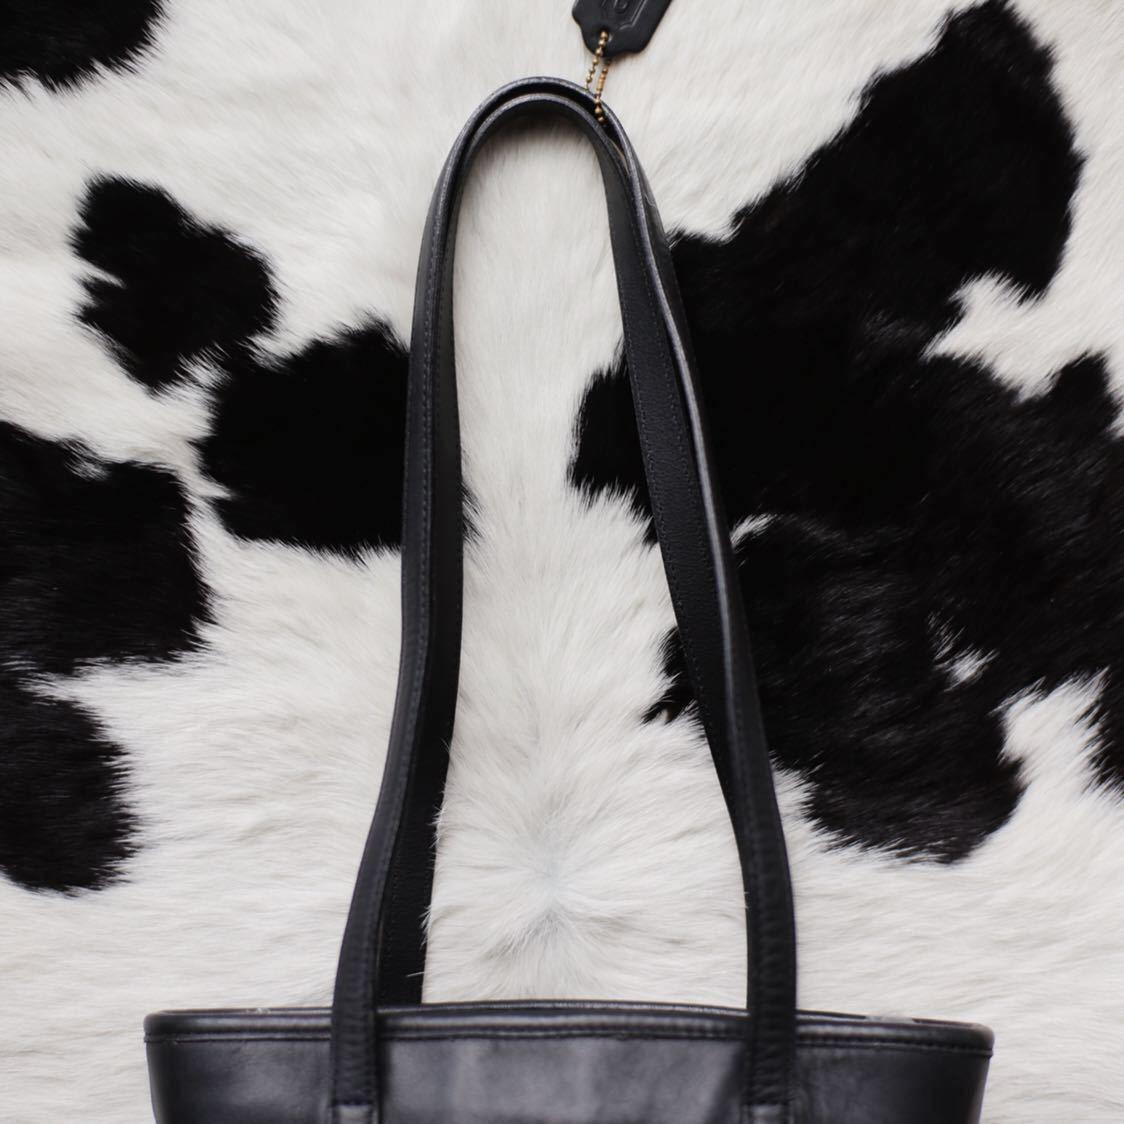 極美品 美品 コーチ COACH トートバッグ バッグ ビジネスバッグ 黒 ブラック レザー メンズバッグ 革 15万 オールドコーチ ビンテージ B5_画像8